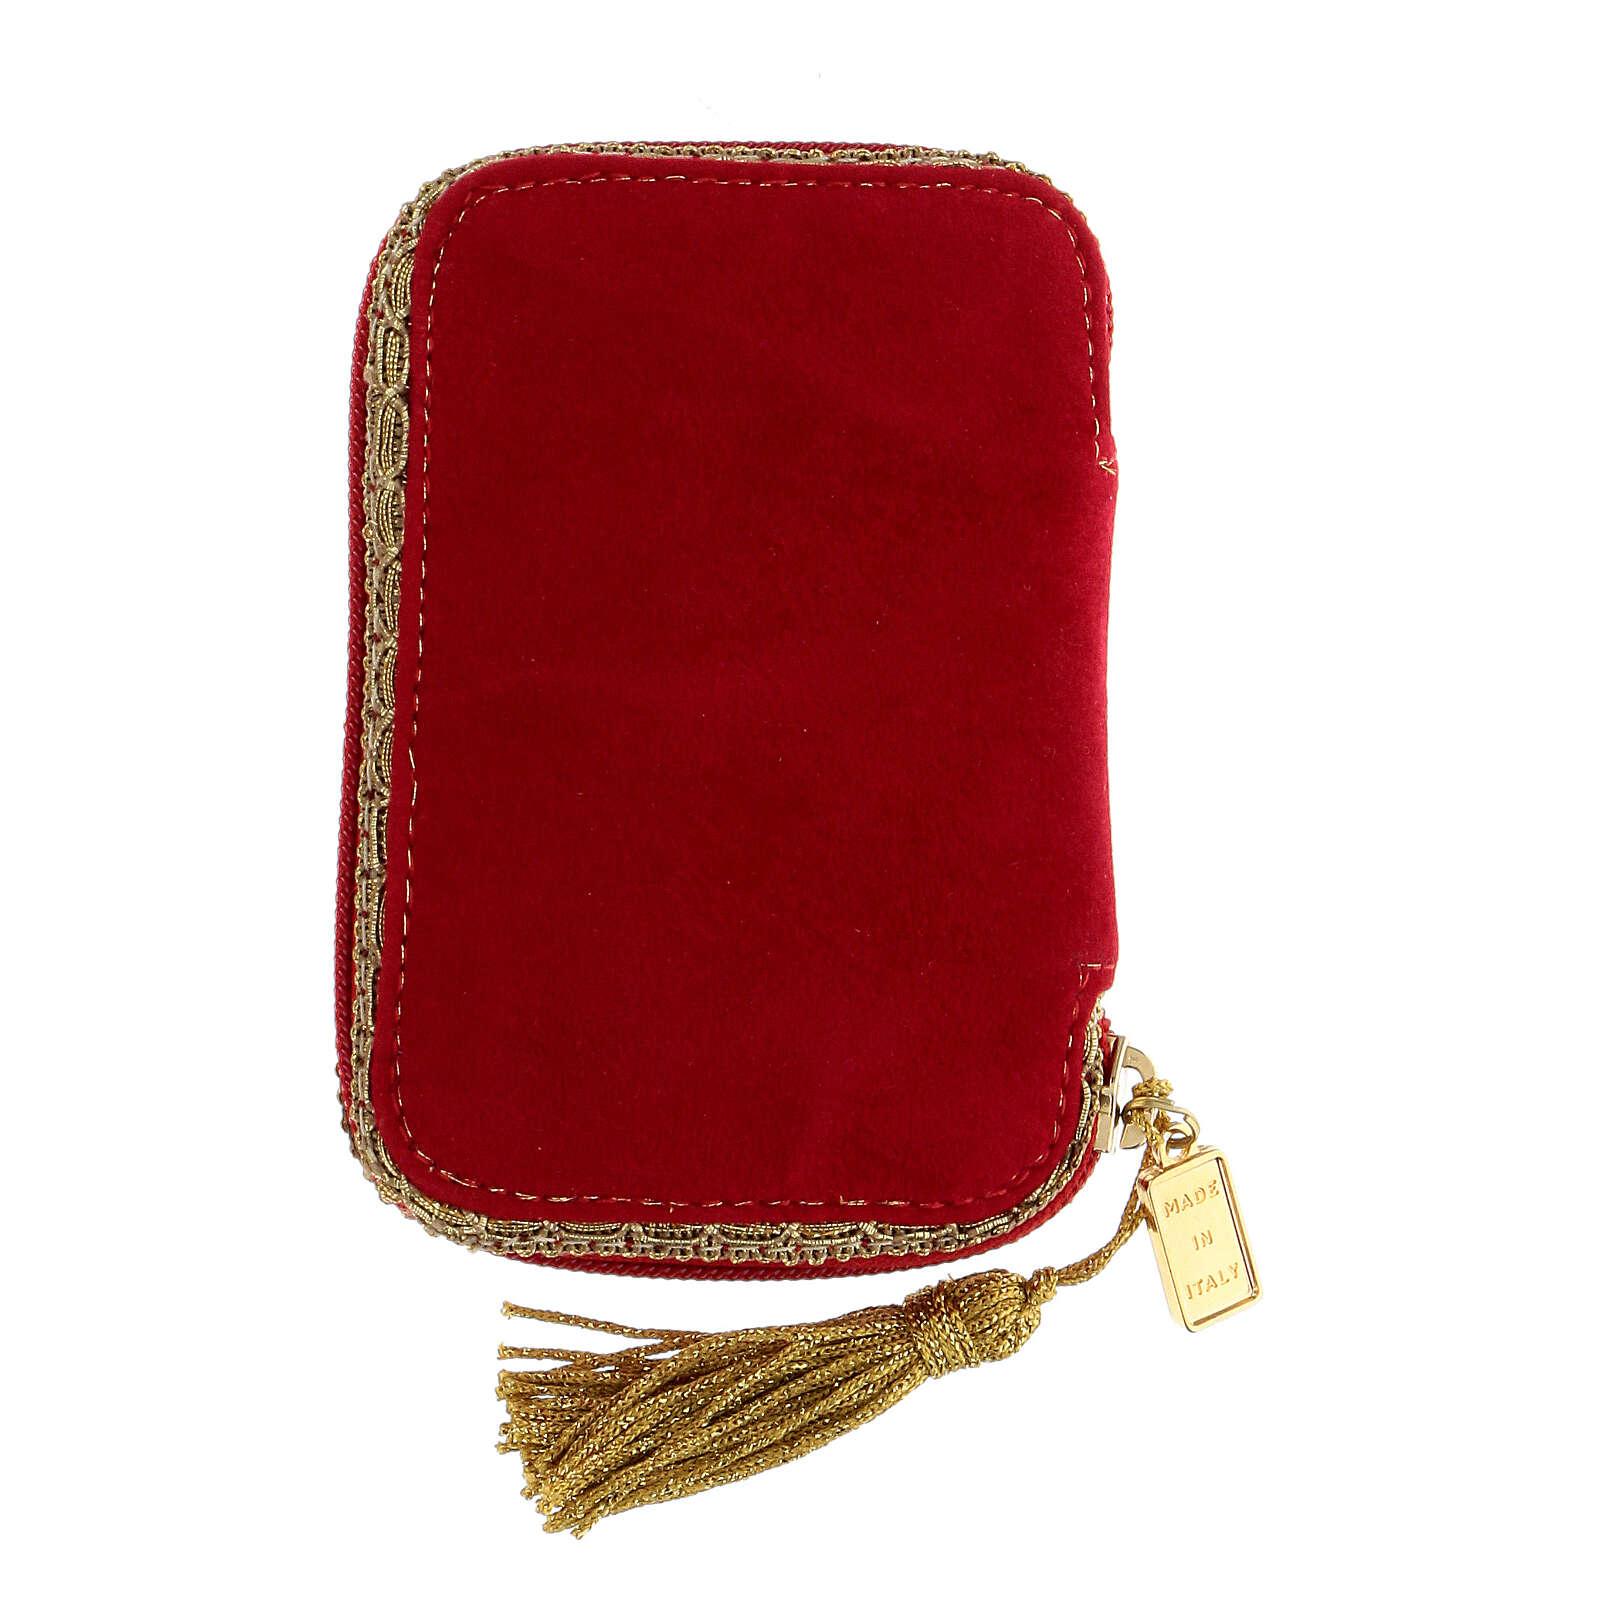 Estuche para viático rojo tejido flocado decorado cruz relicario 5,5 cm 3